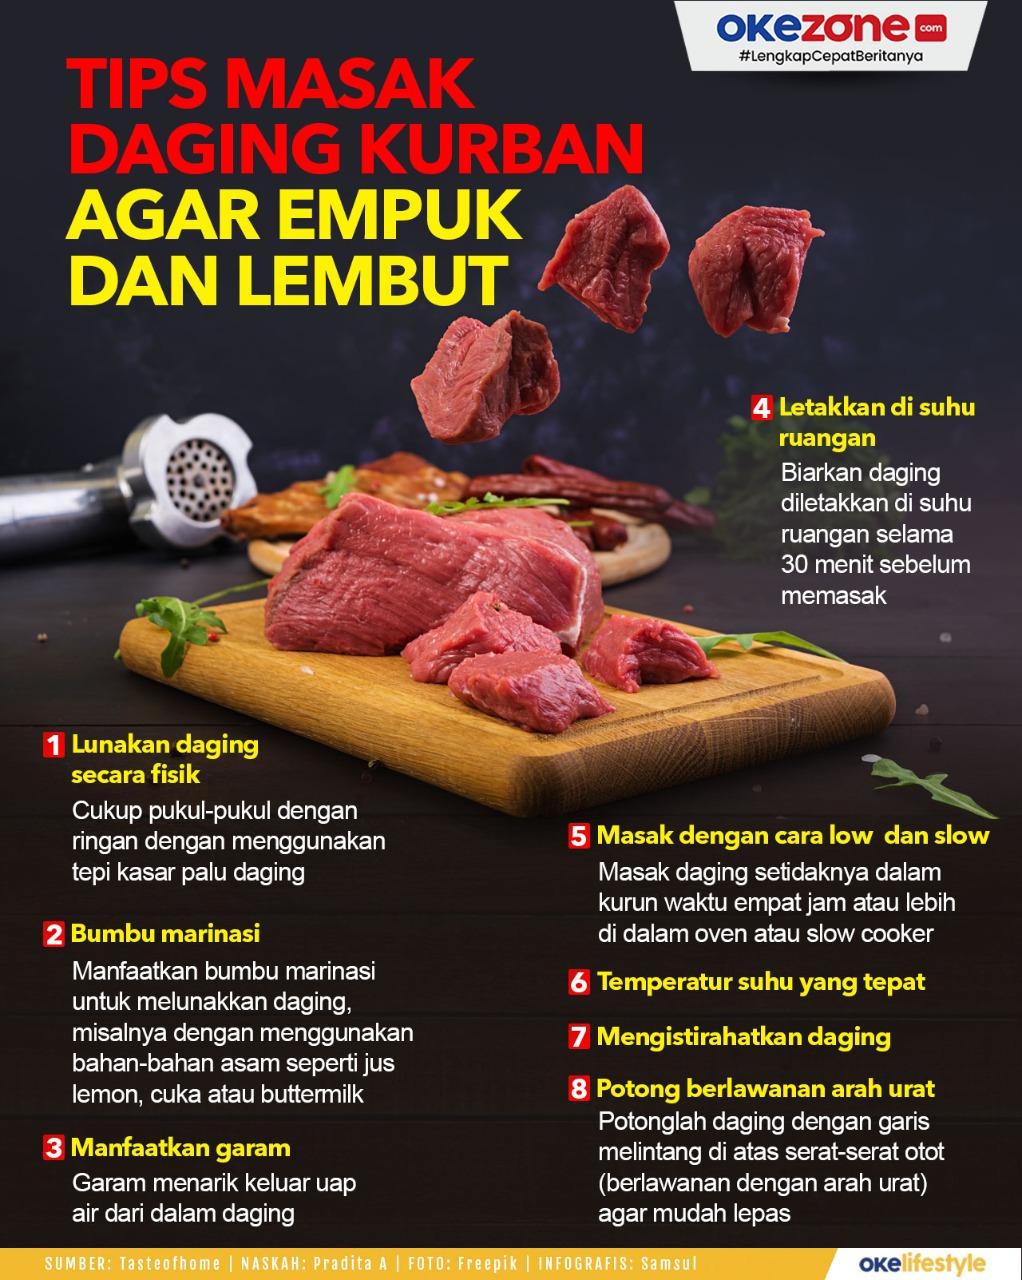 Tips Masak Daging Kurban agar Empuk dan Lembut -